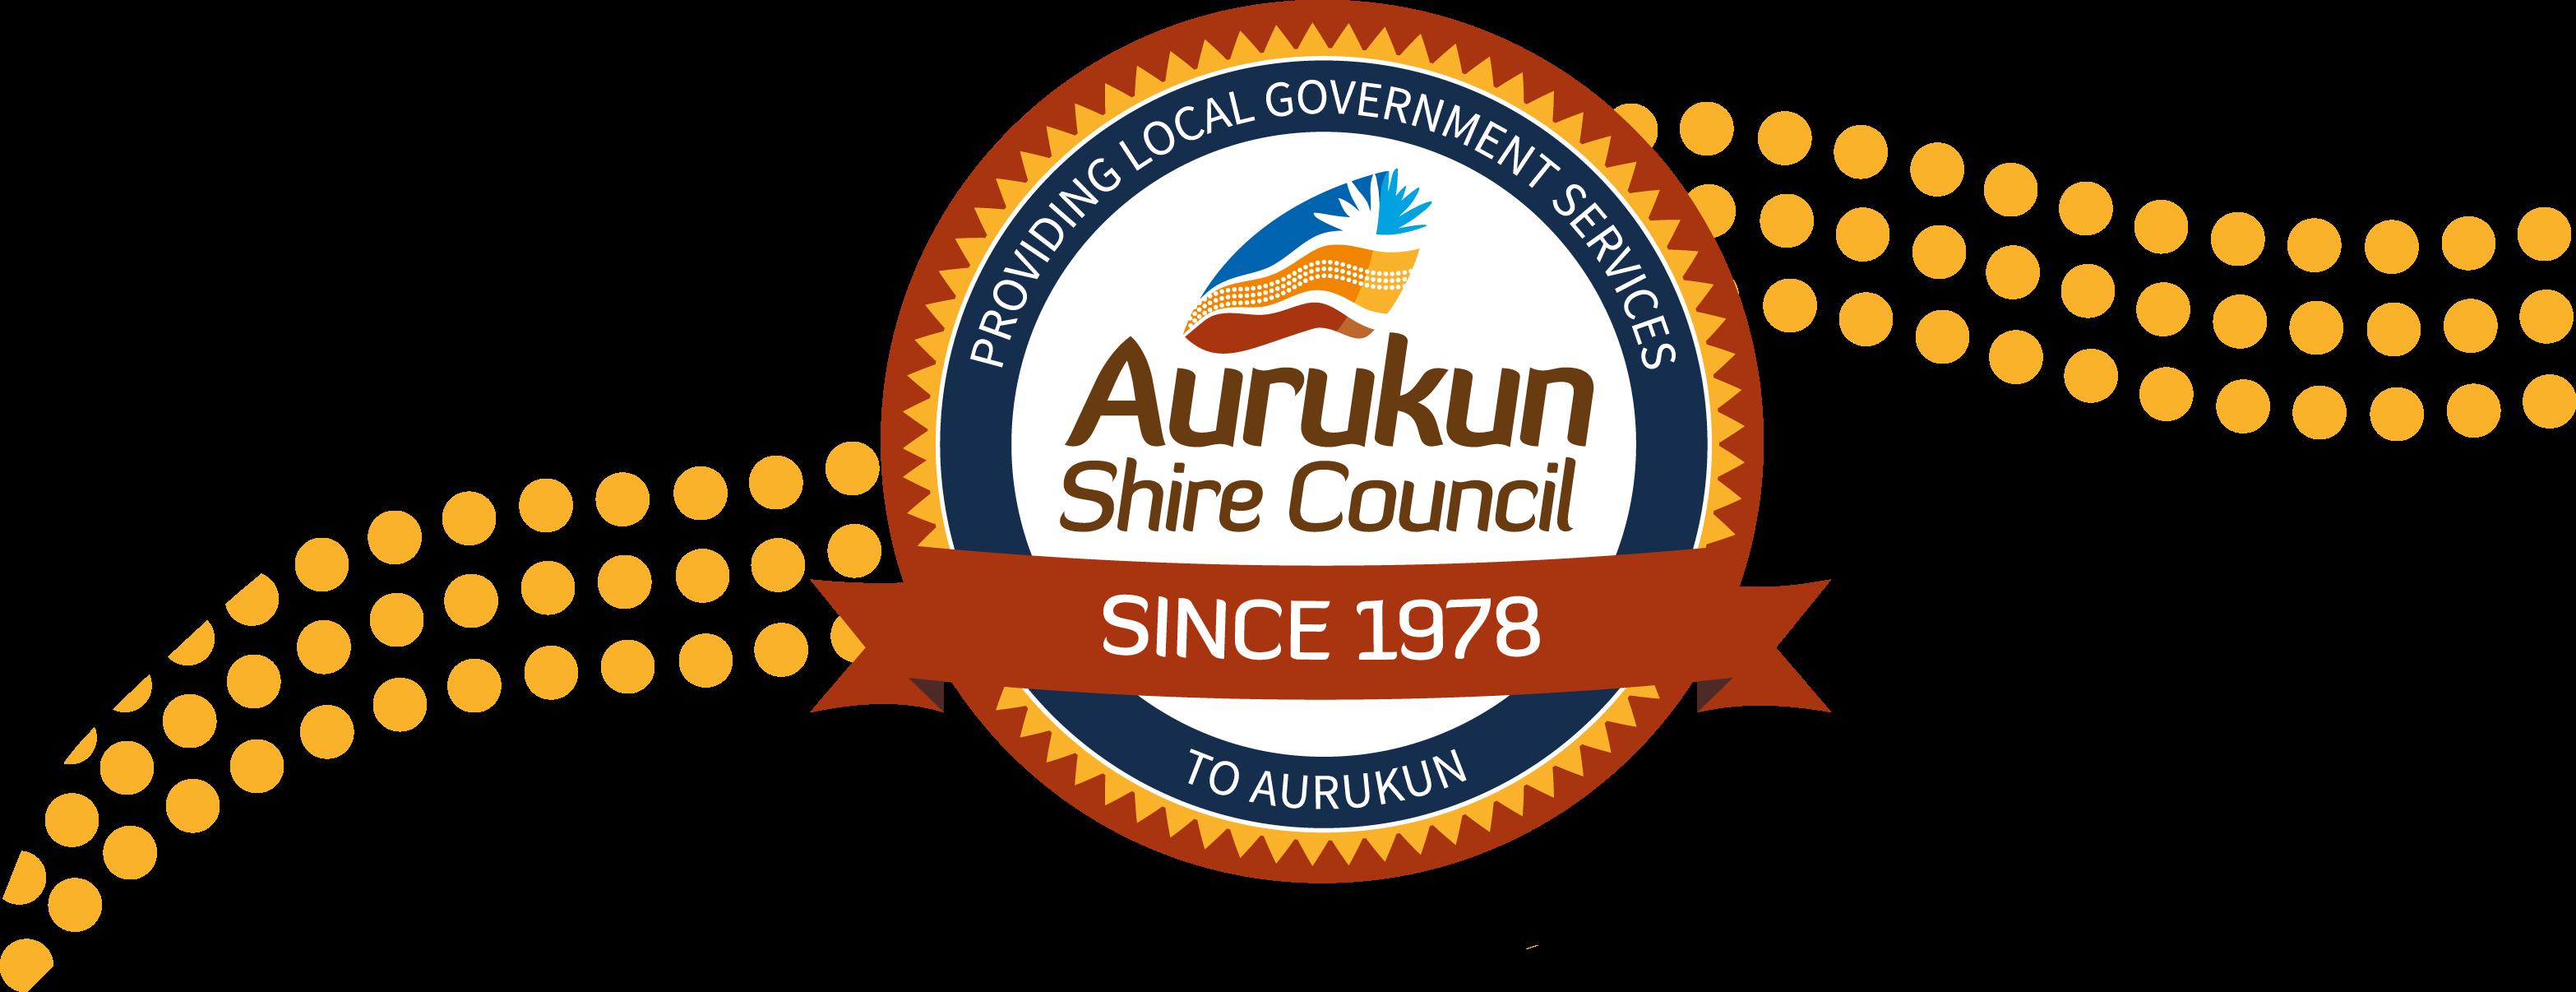 Aurukun Shire Council.